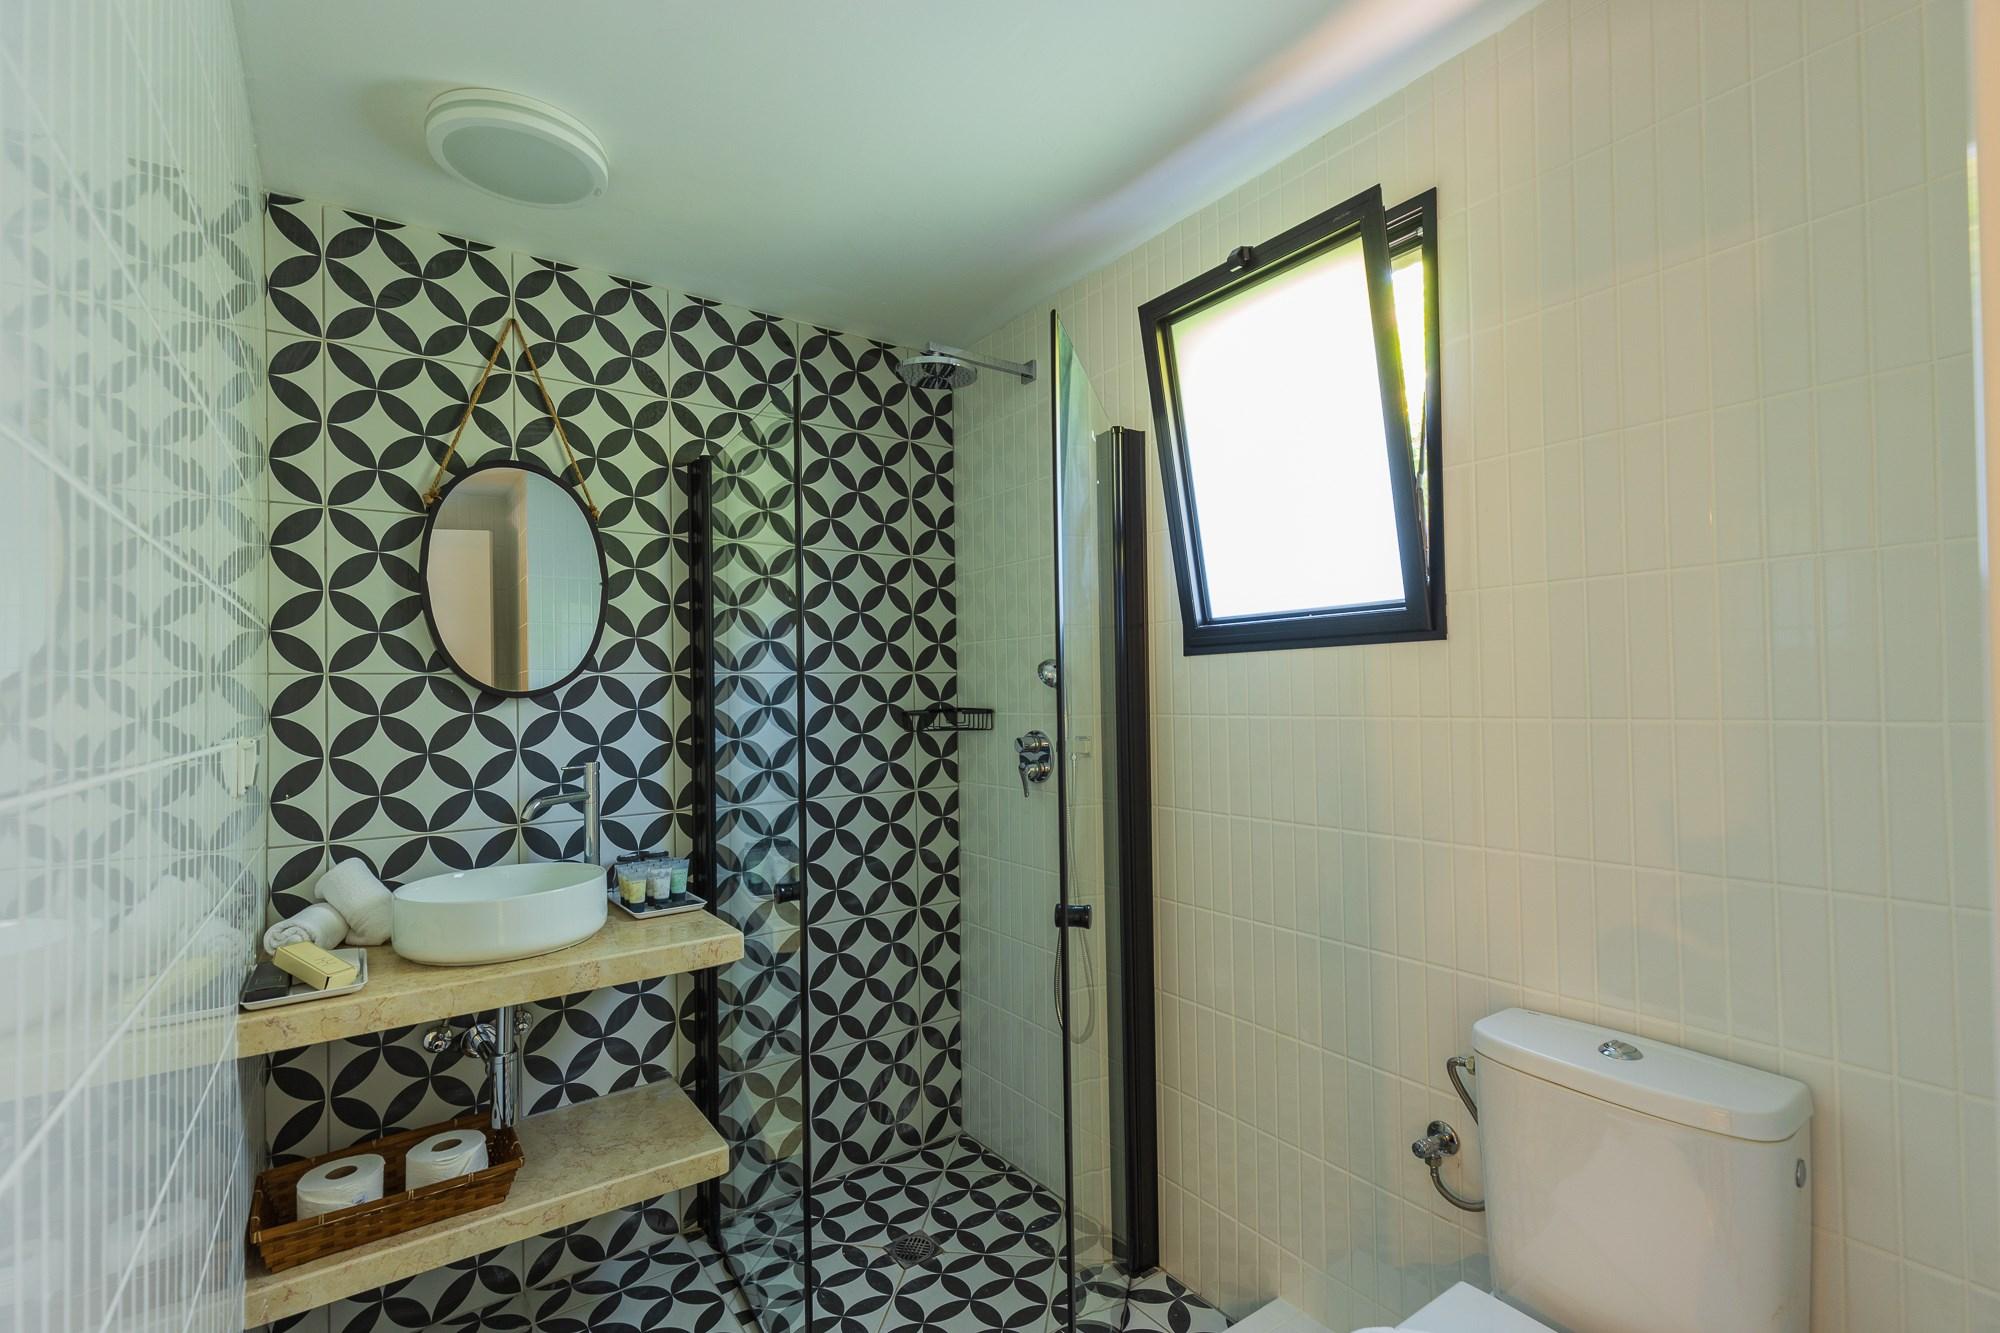 חדר אמבטיה בבקתה המשופצת